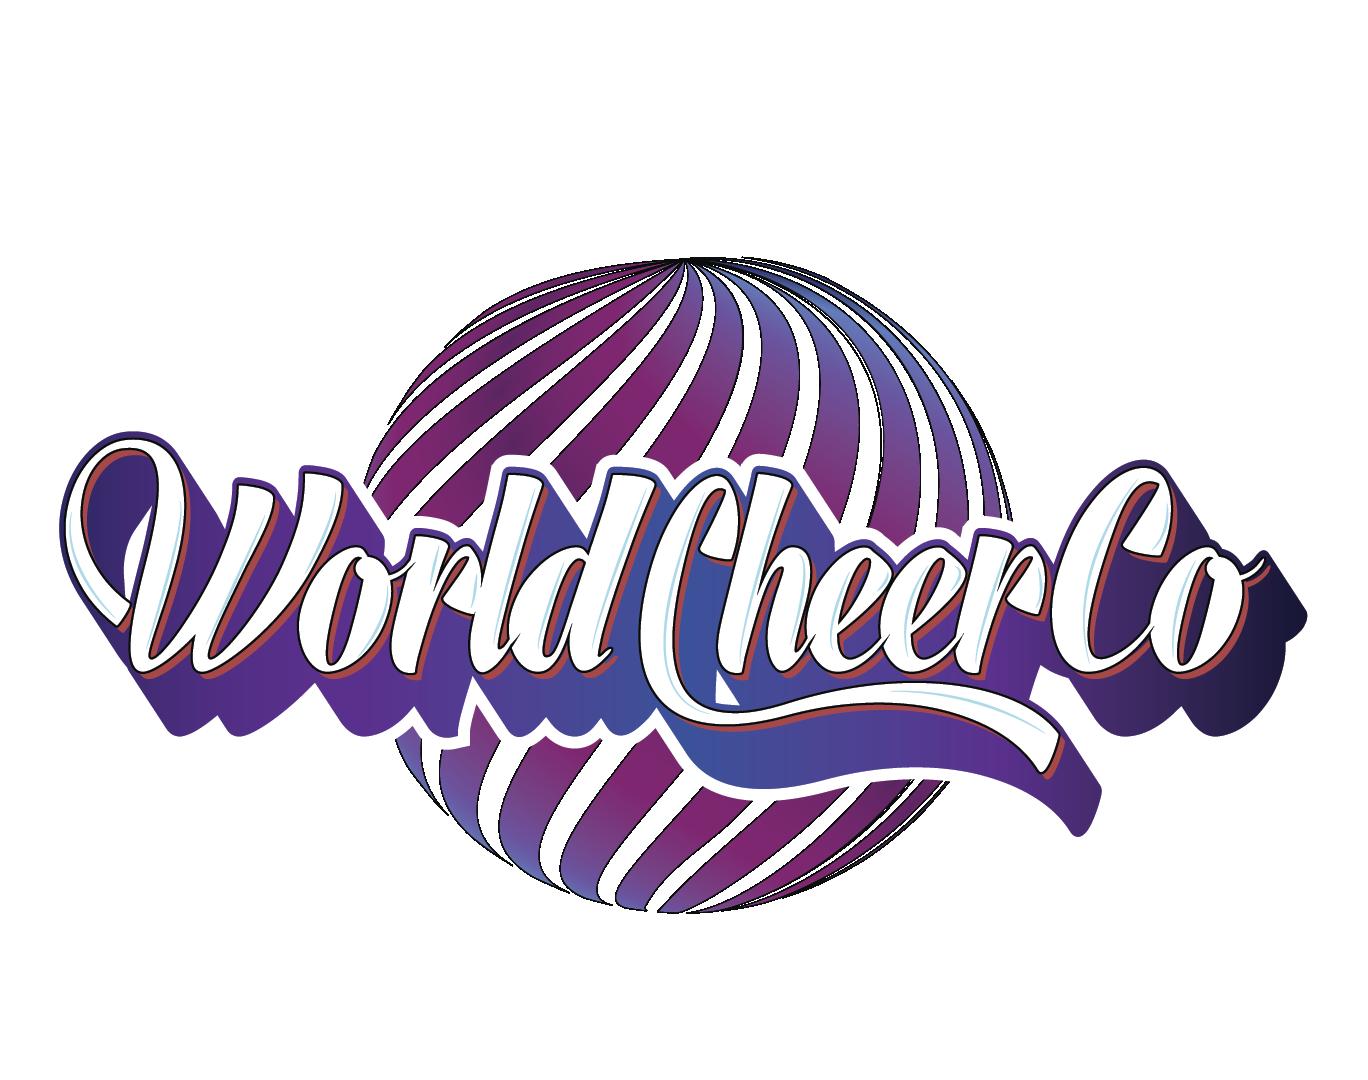 World CheerCo